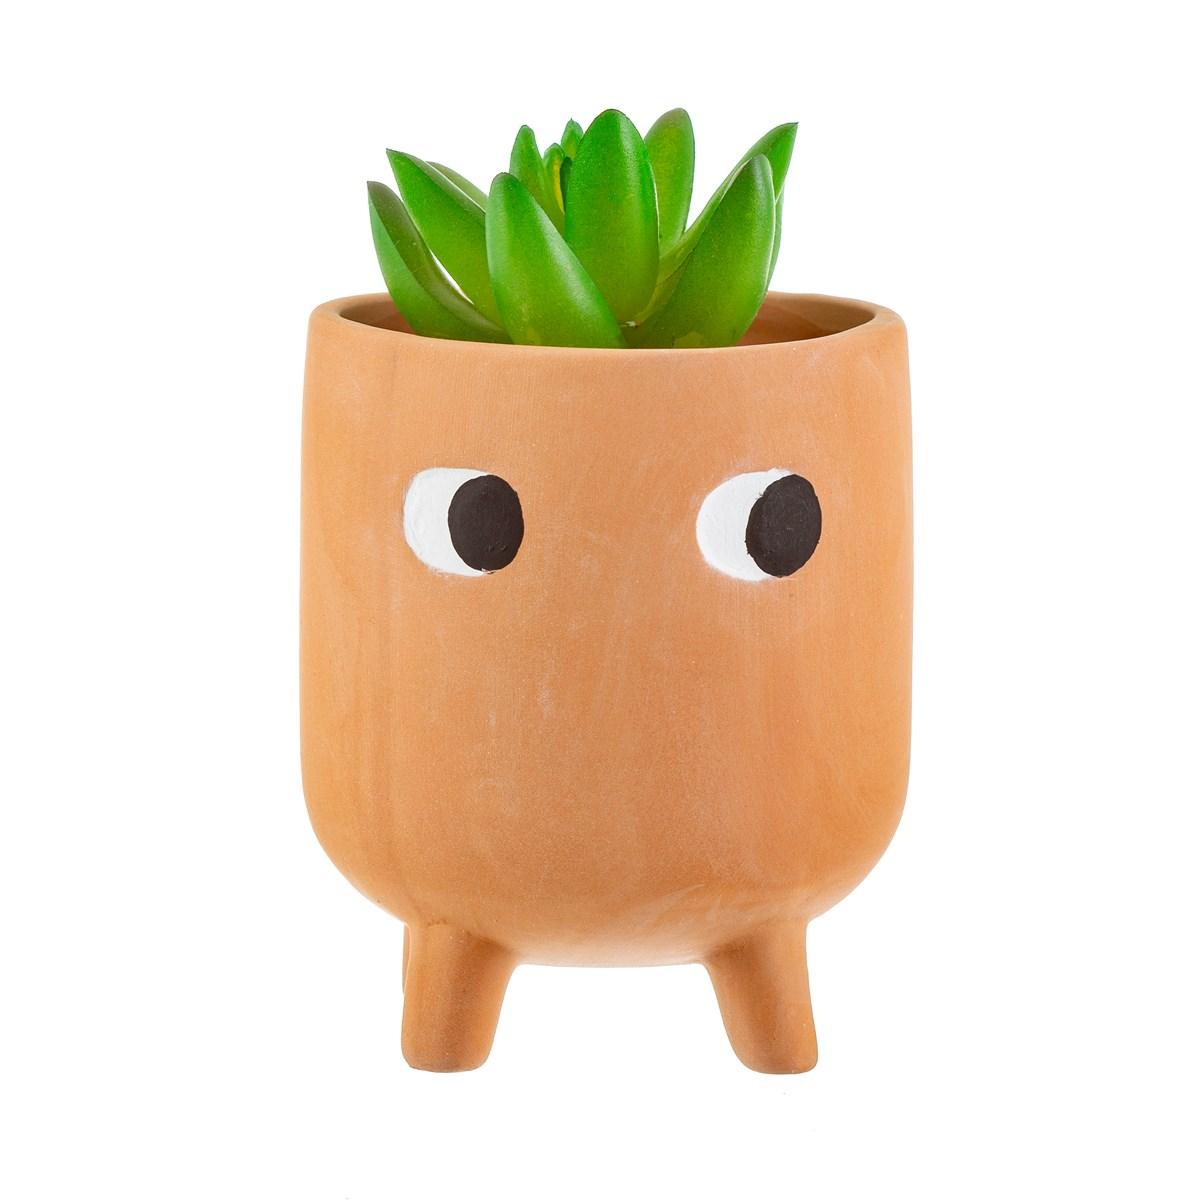 Little Leggy Planter